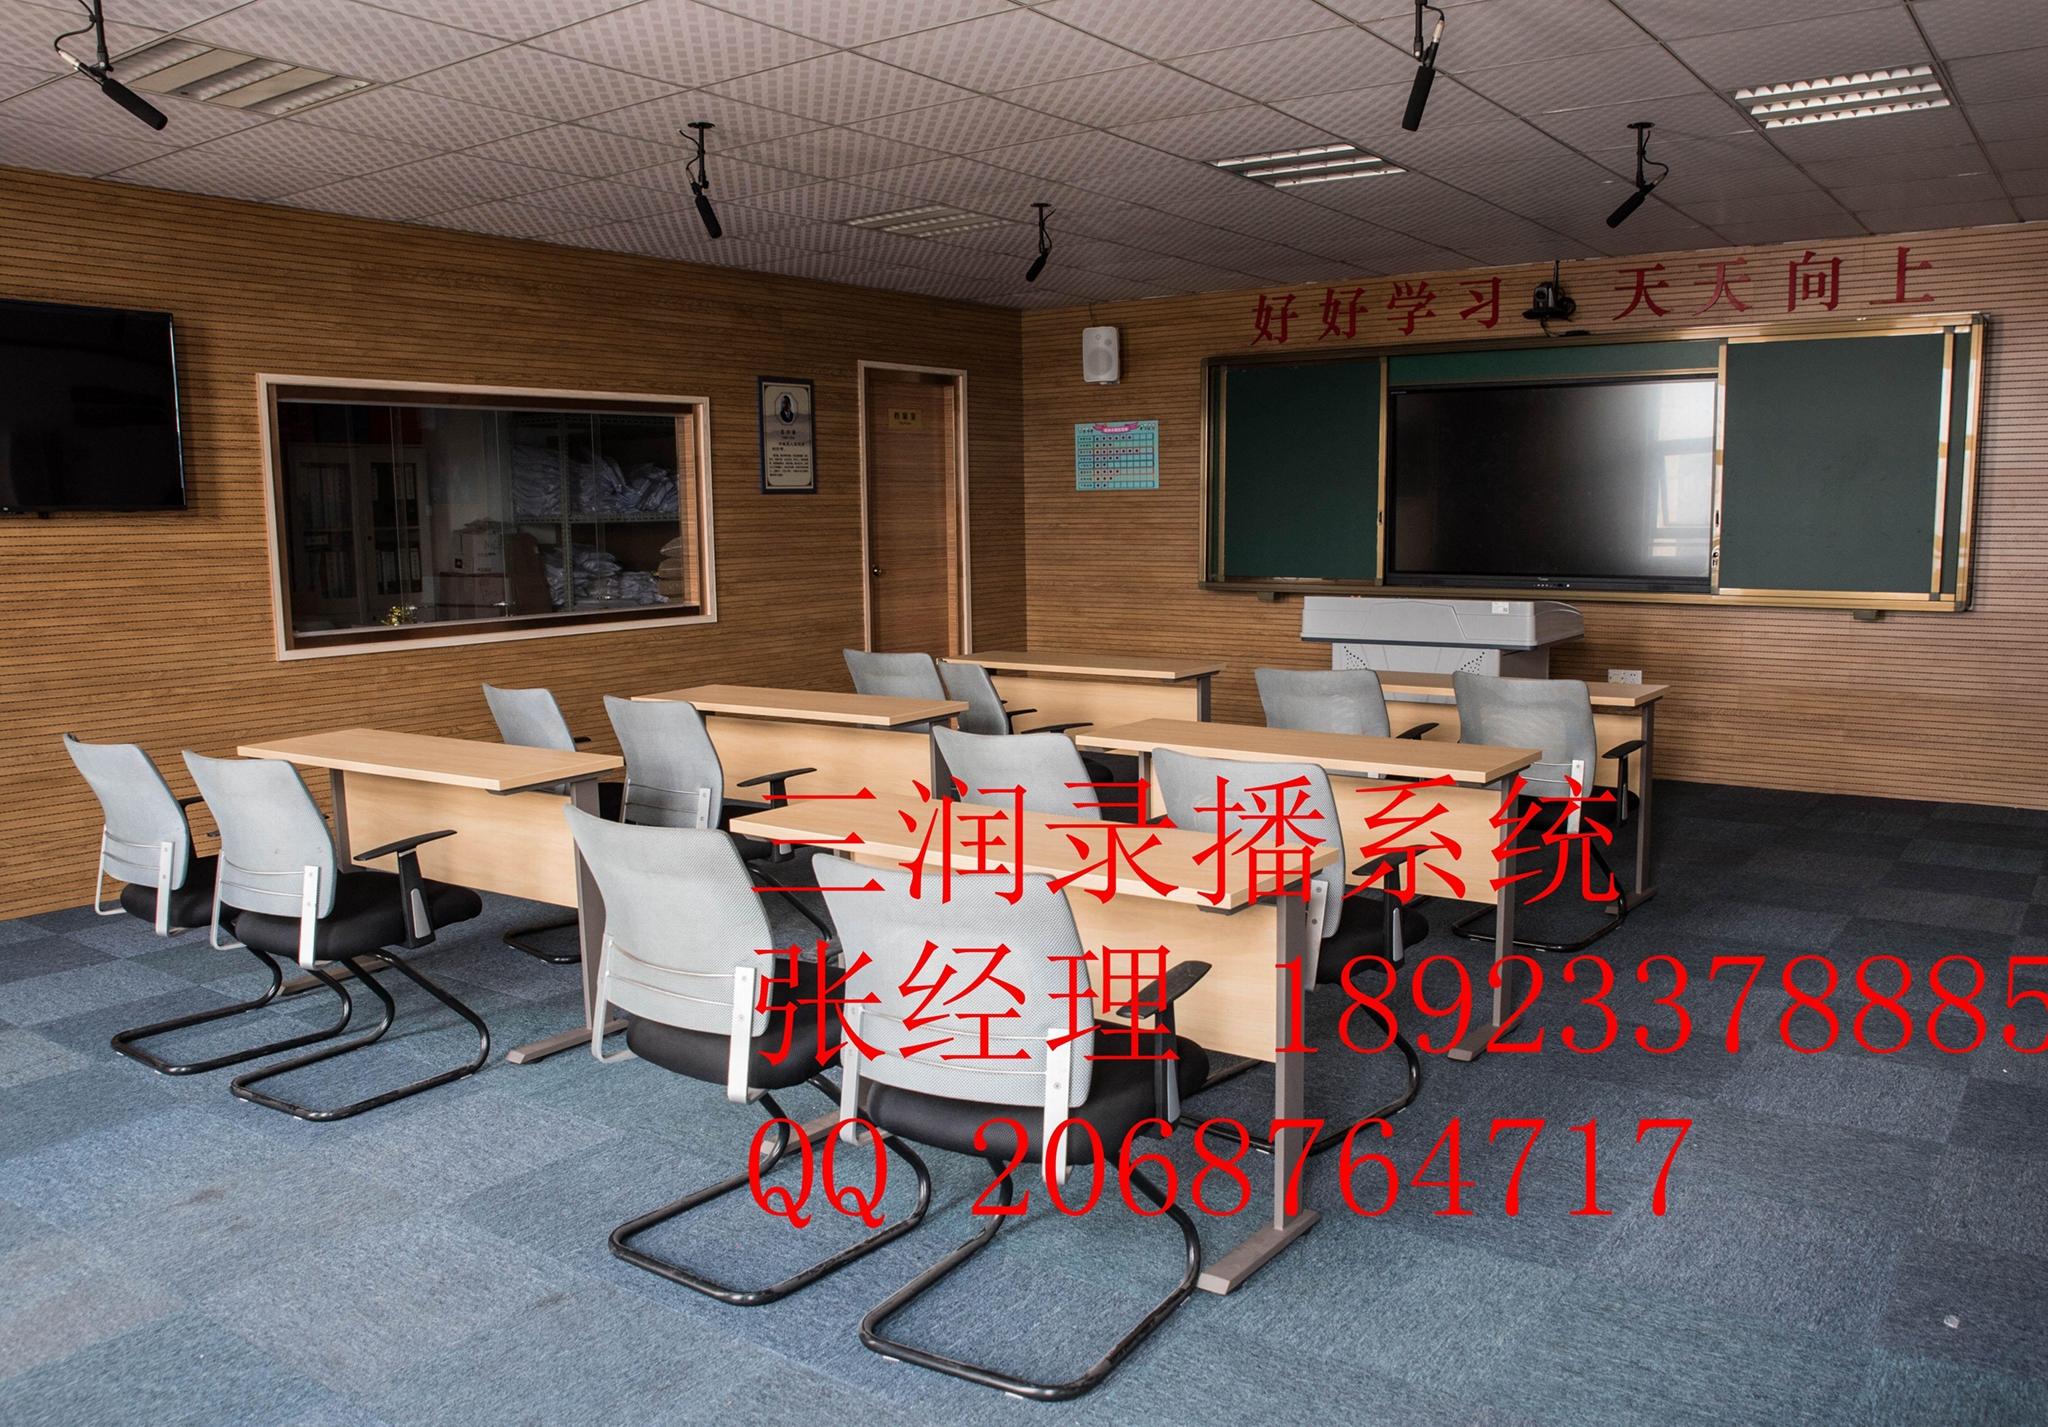 校园智能录播系统 2